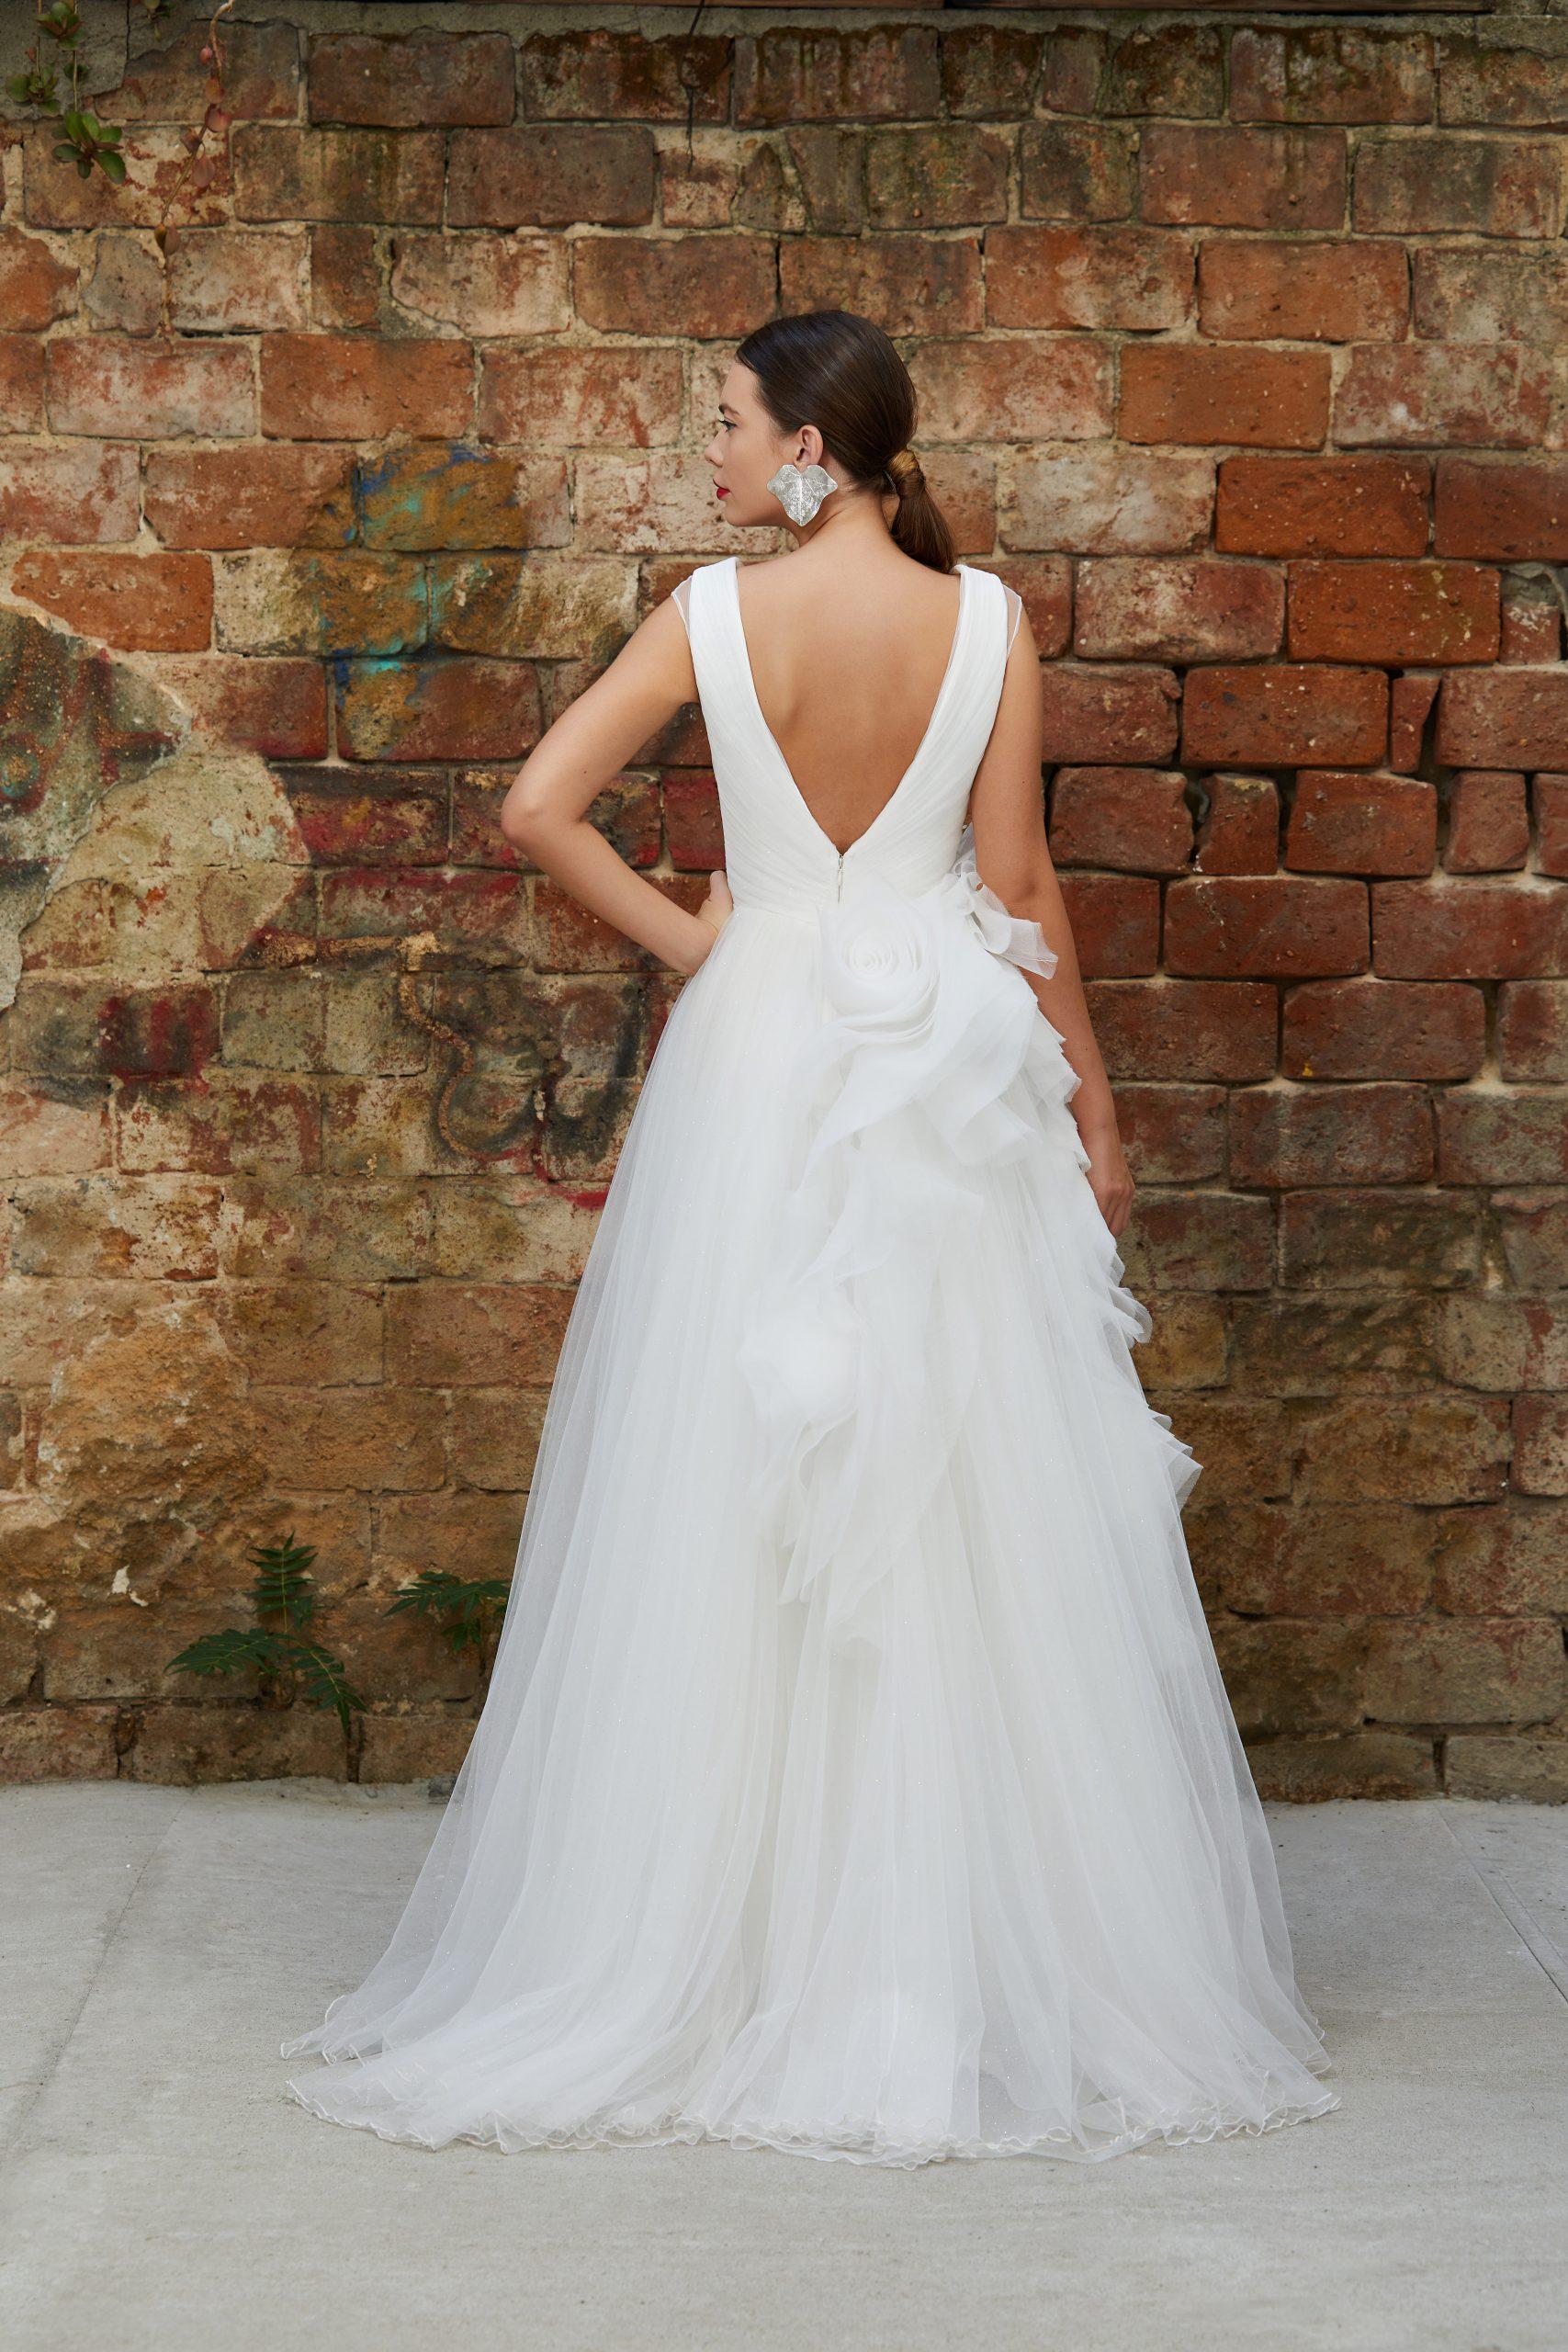 Ruffled organza bridal gown